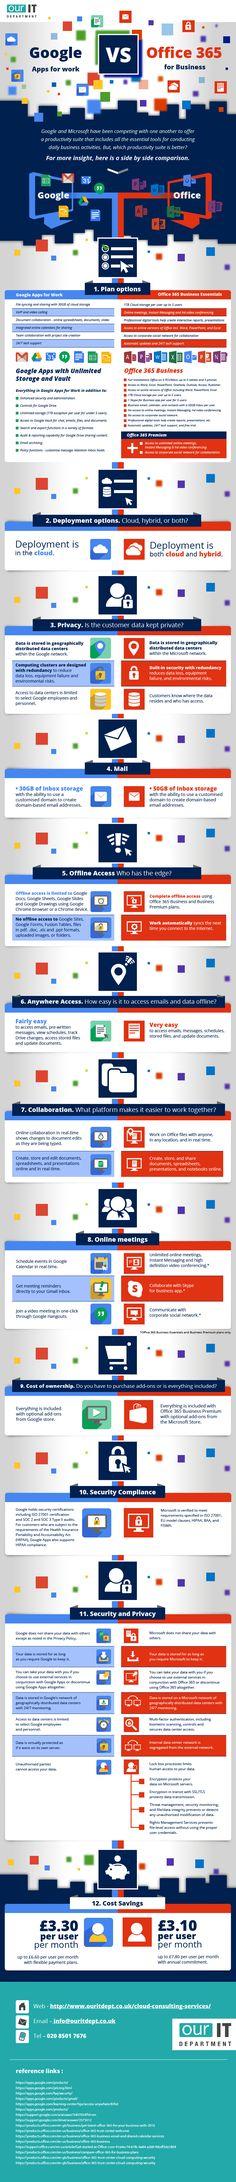 Hola: Una infografía sobreOffice 365 for business vs Google Apps for Works. Vía Un saludo